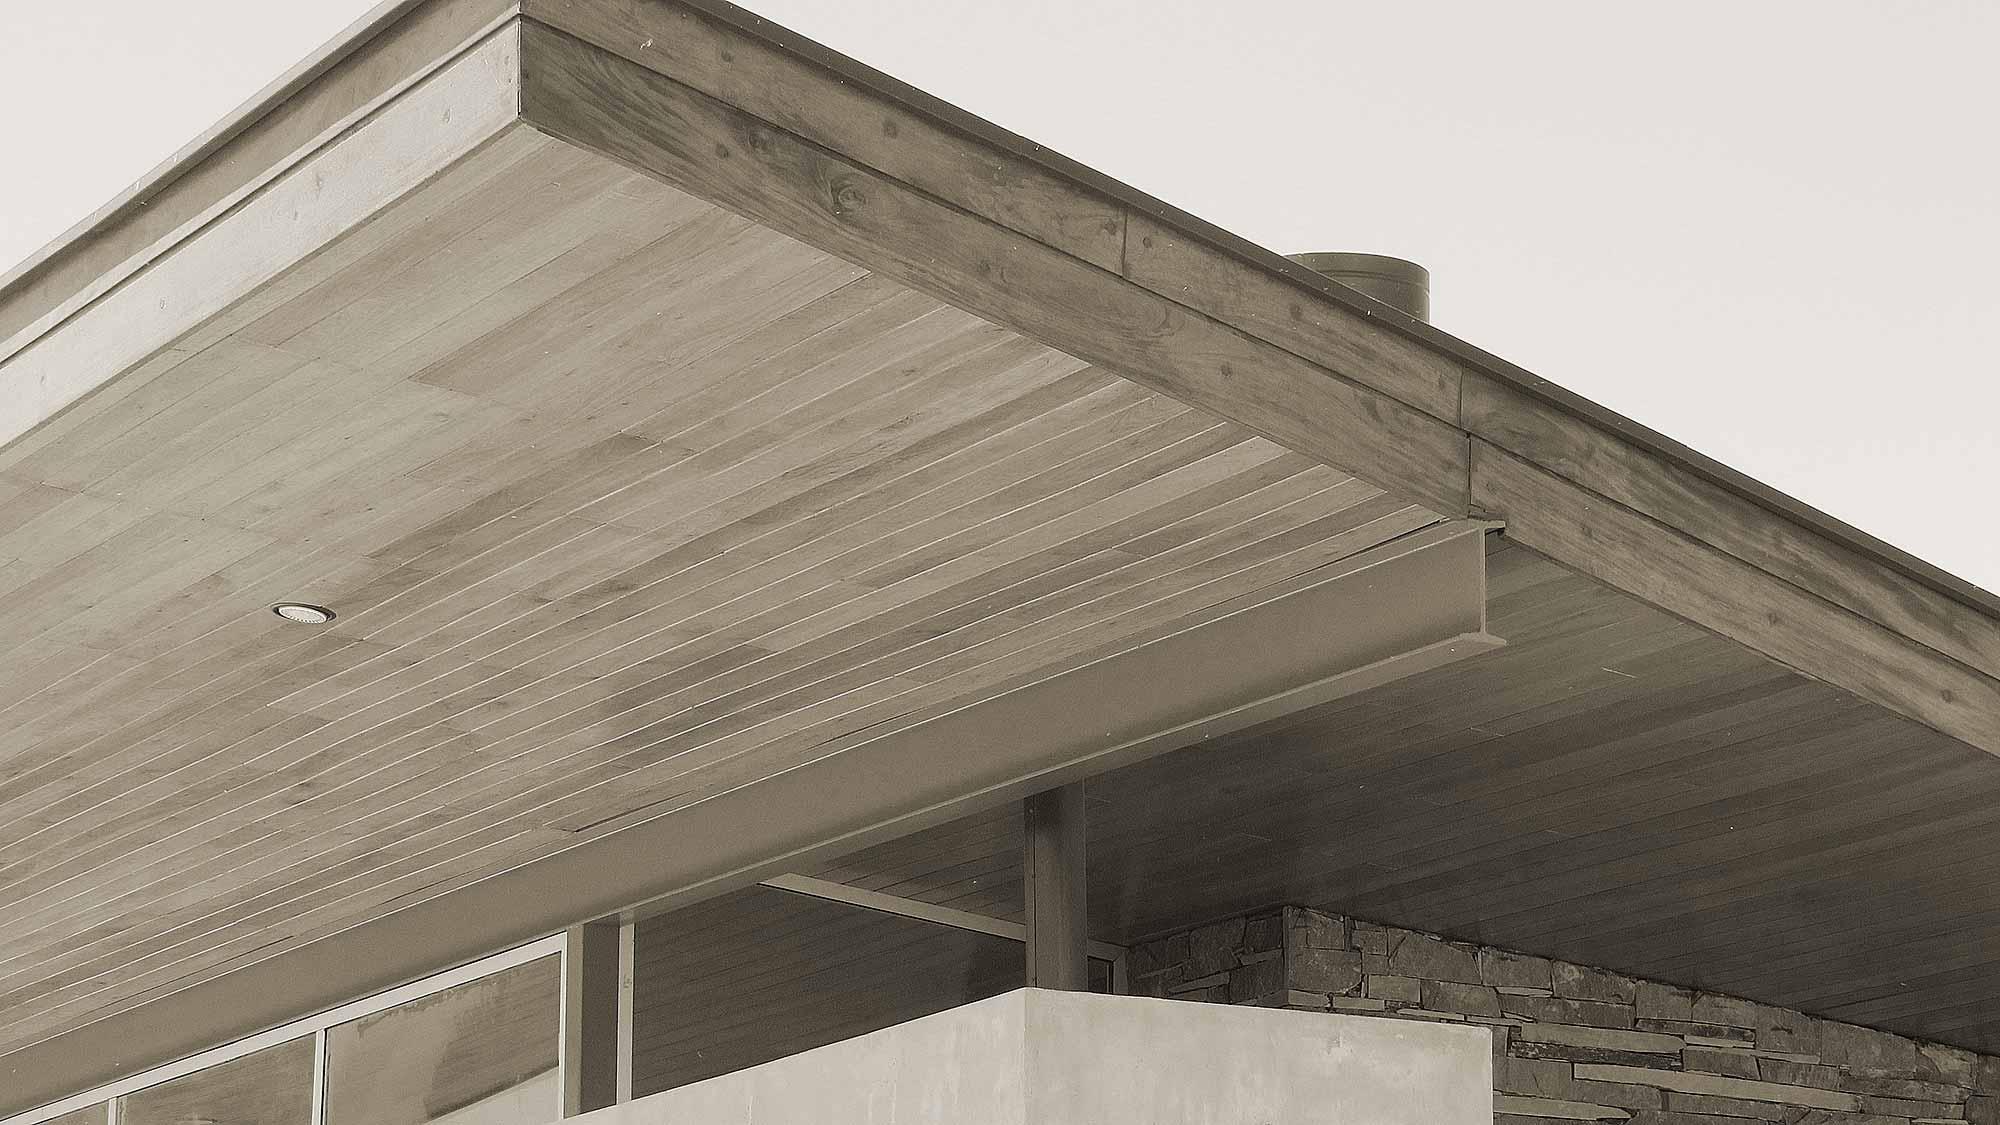 agra-salgado-arquitectura-arquitecto-mar-del-plata-arenas-del-sur-rumenco-1